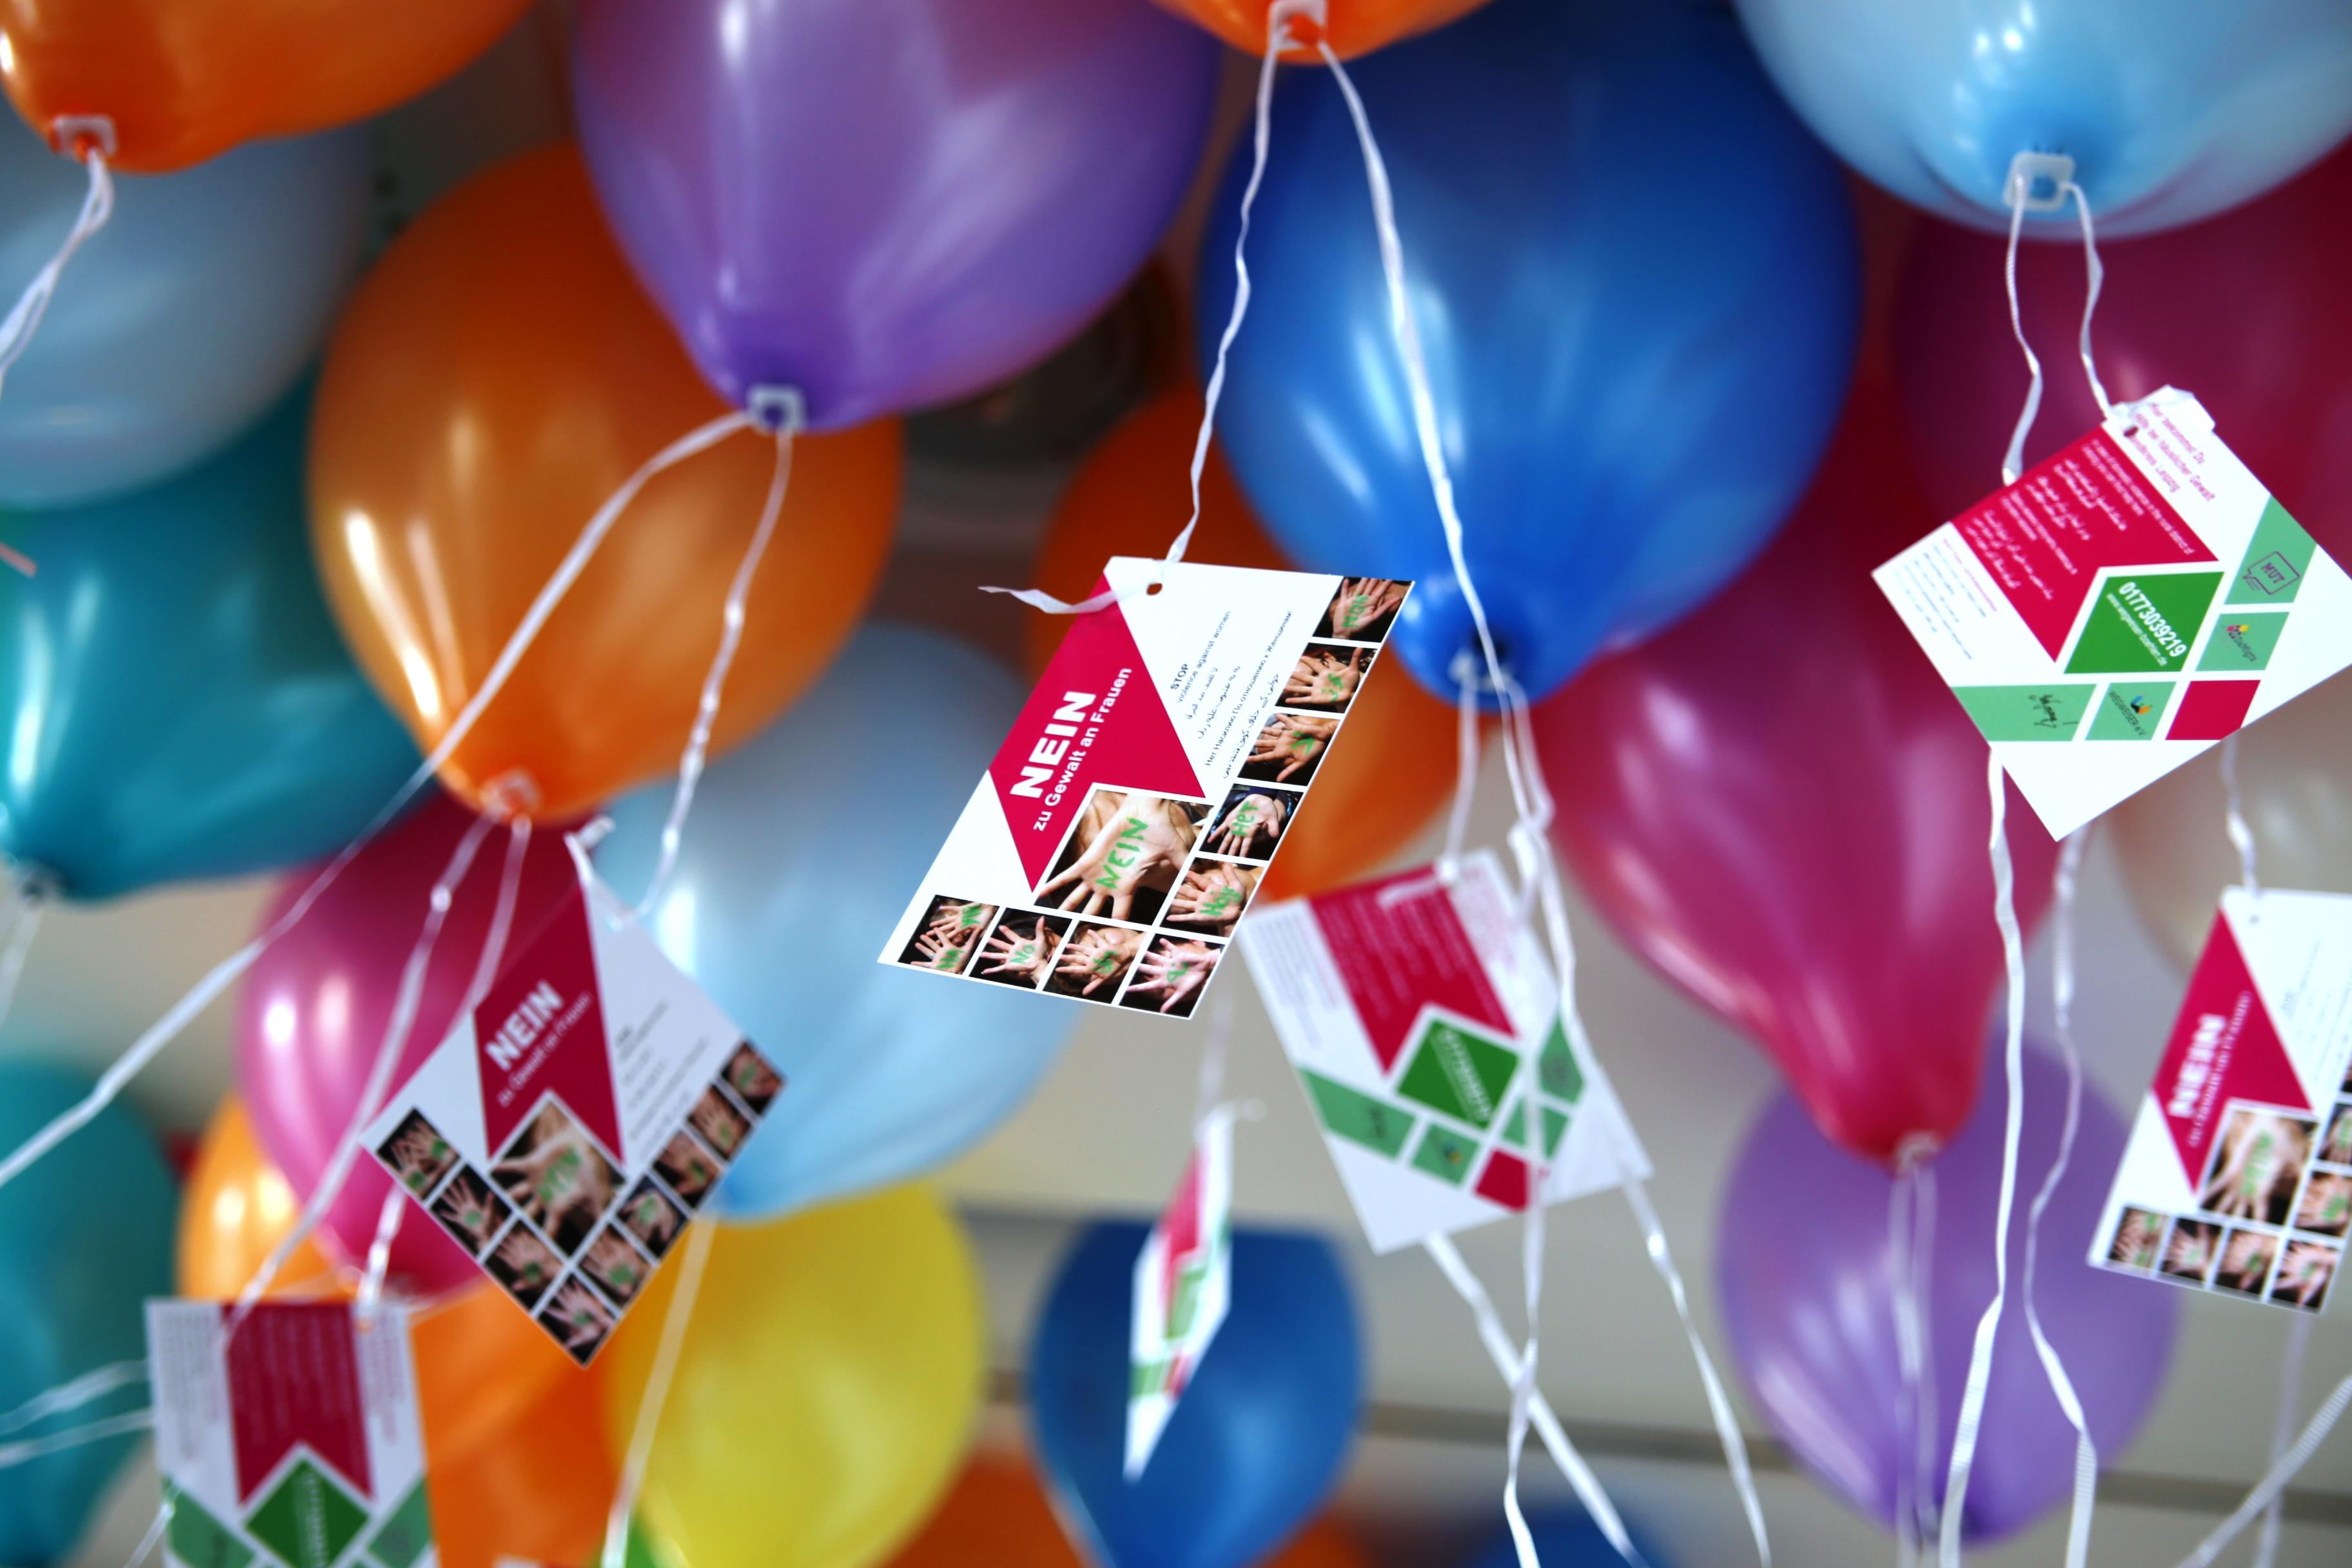 luftballons-fahnenaktion-012a